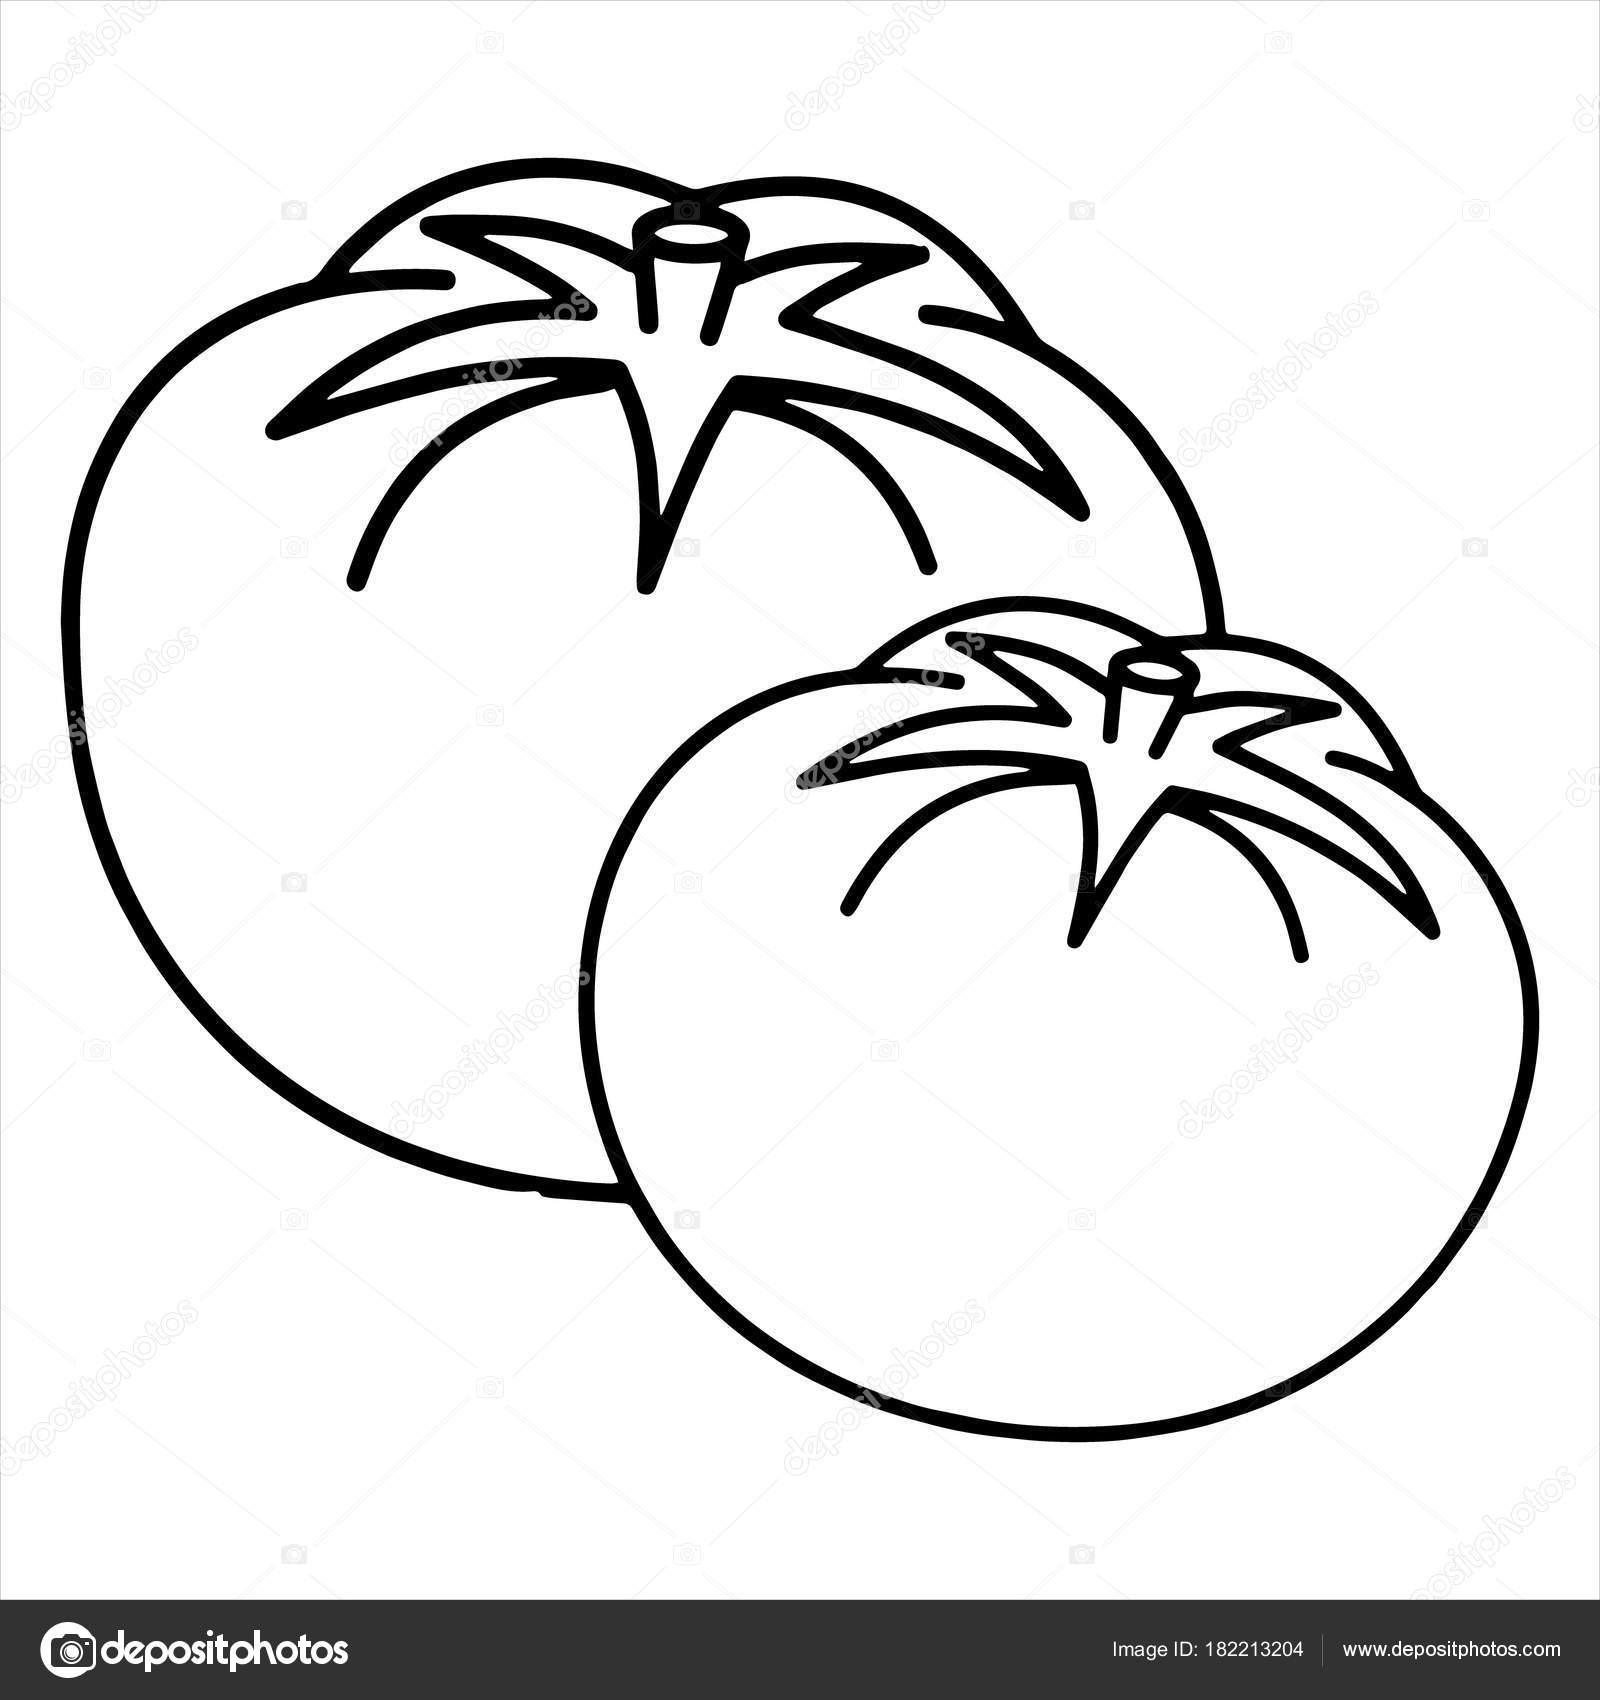 Tomate dessin anim mignon sur fond blanc pour enfants imprime image vectorielle foxynguyen - Tomate dessin ...